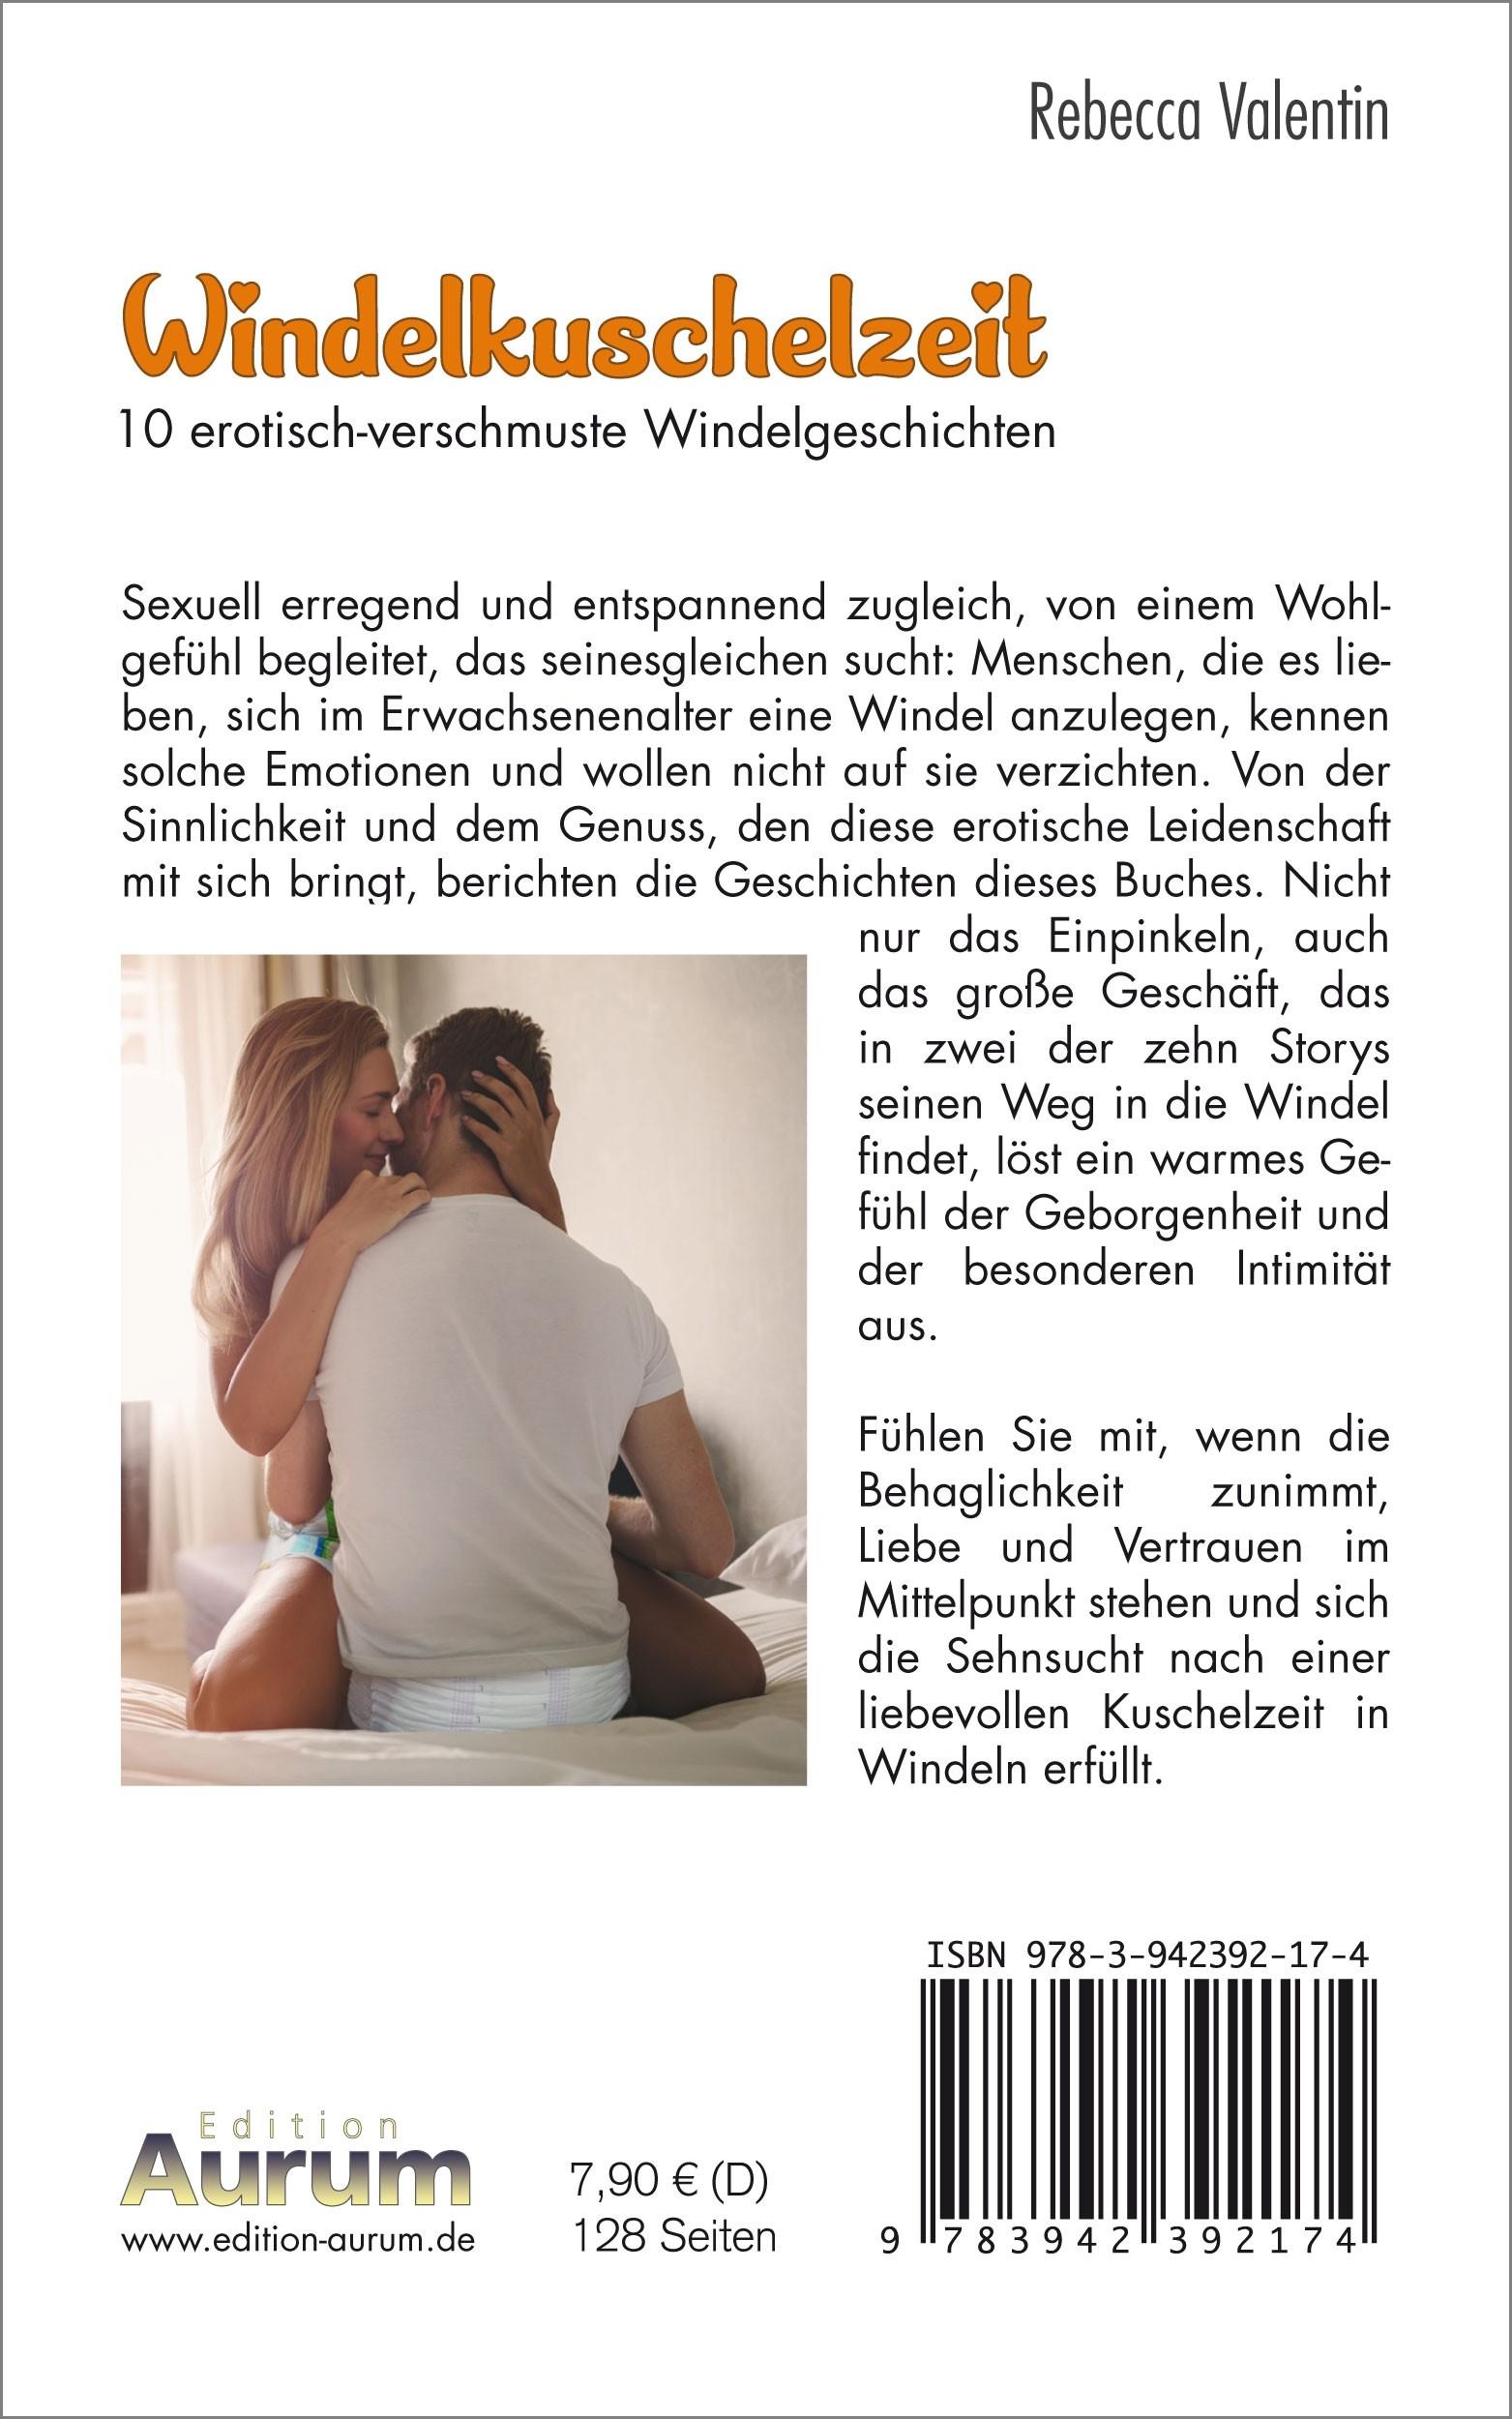 Windelkuschelzeit Buchrücken (Taschenbuch)